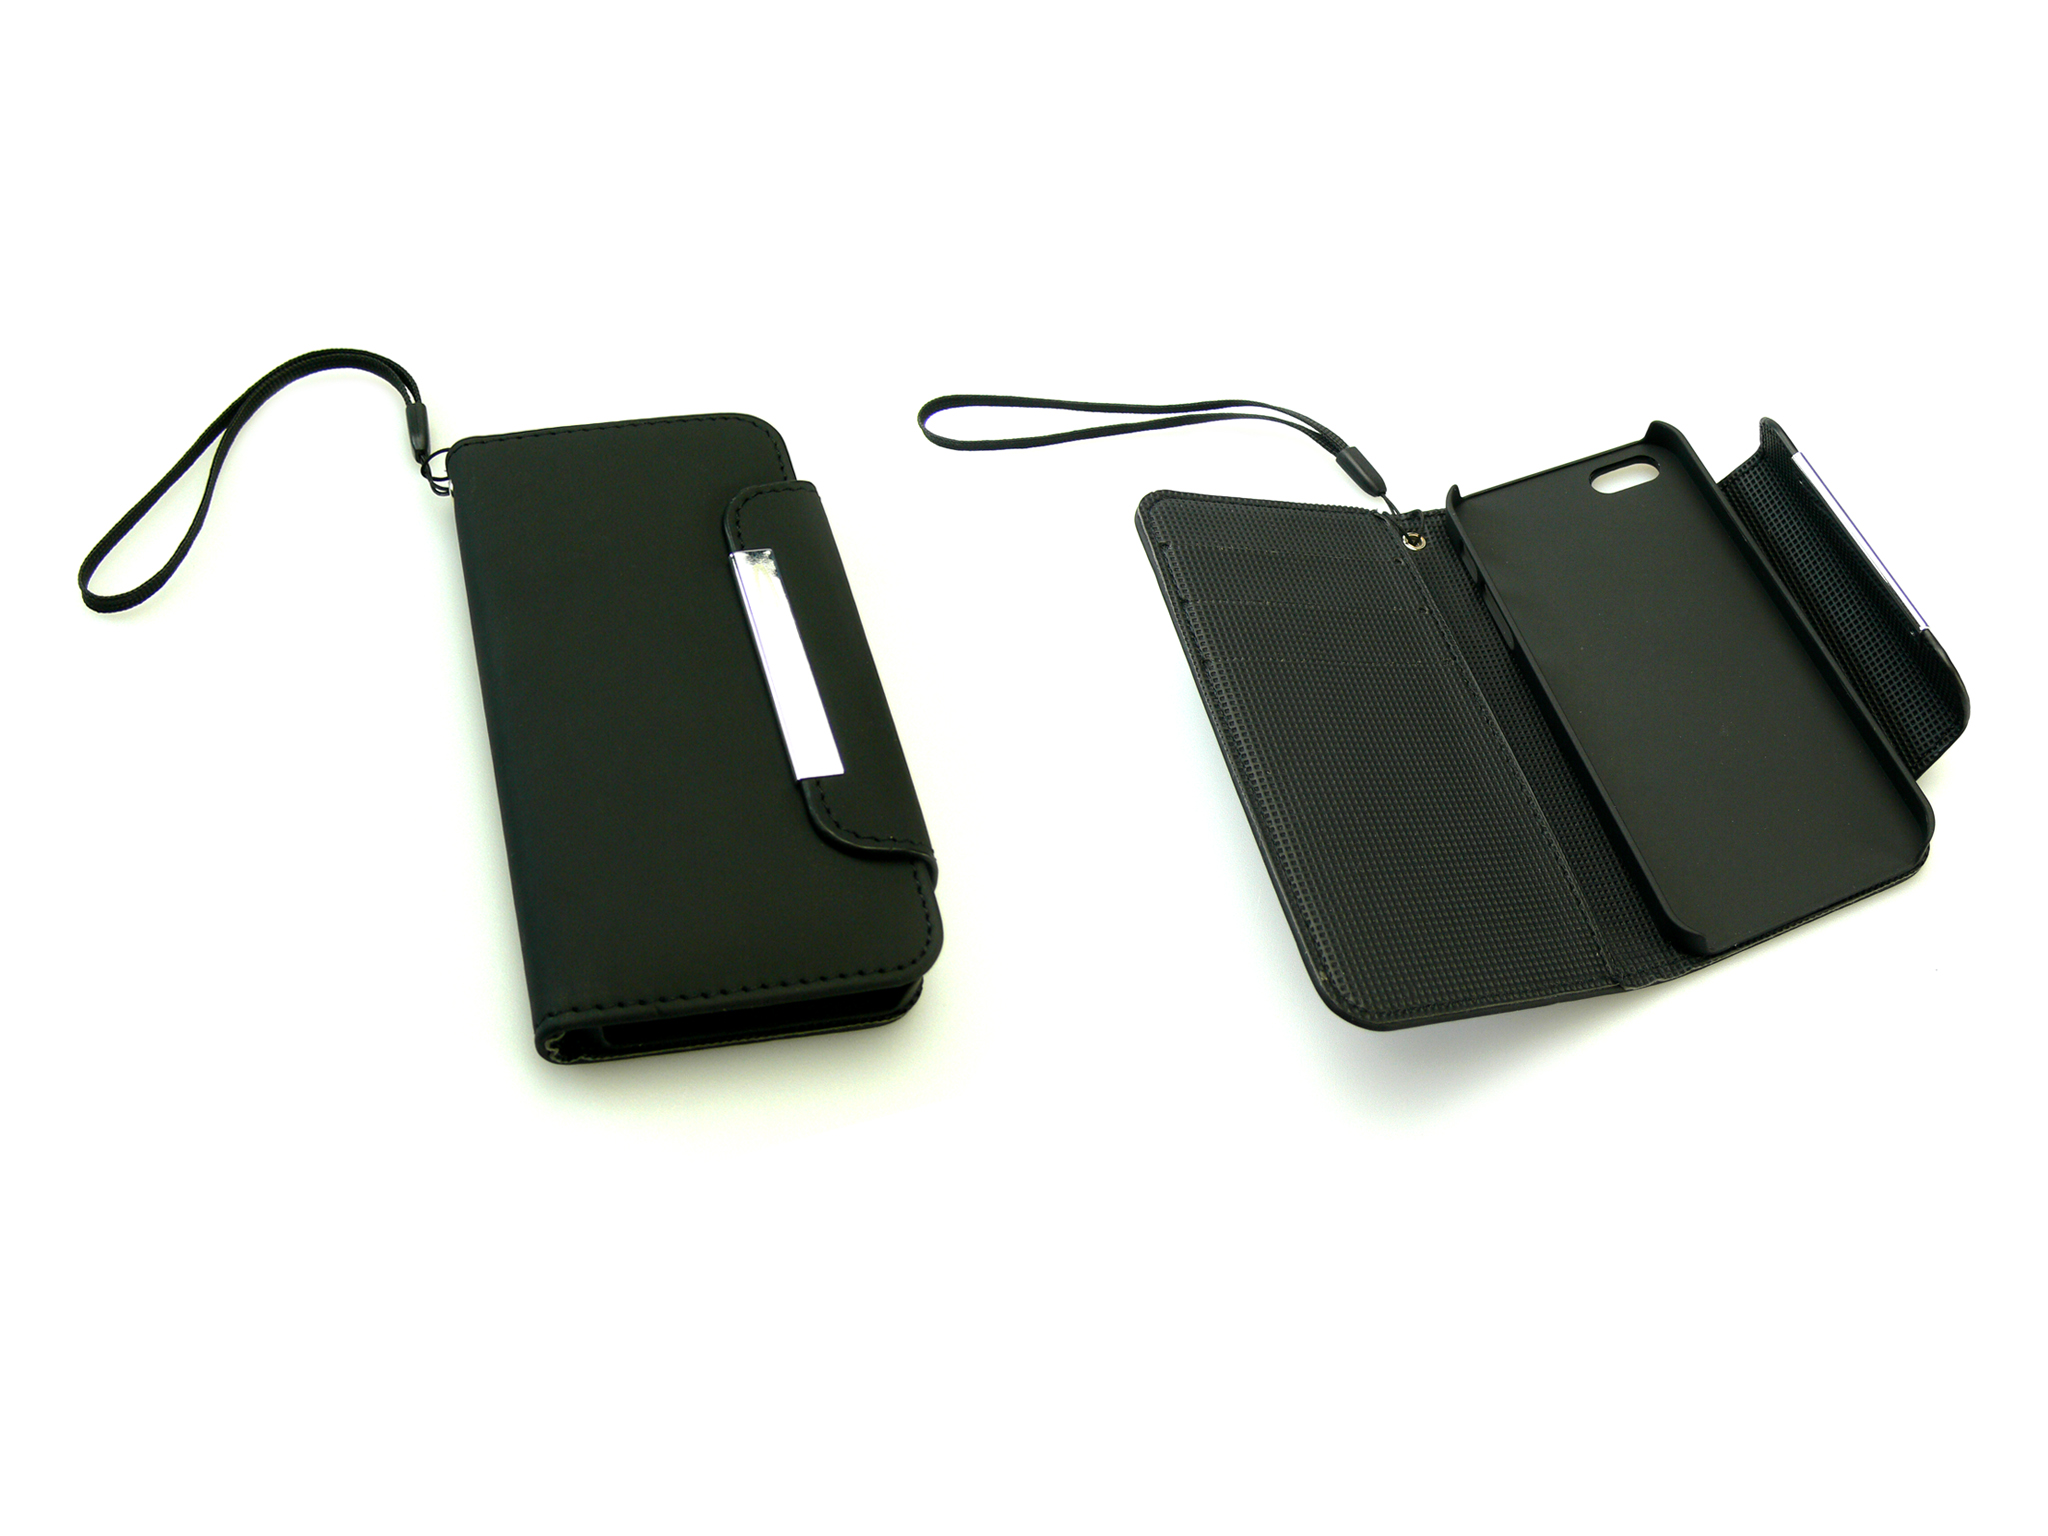 Flip wallet iPh 5/5S skin Black